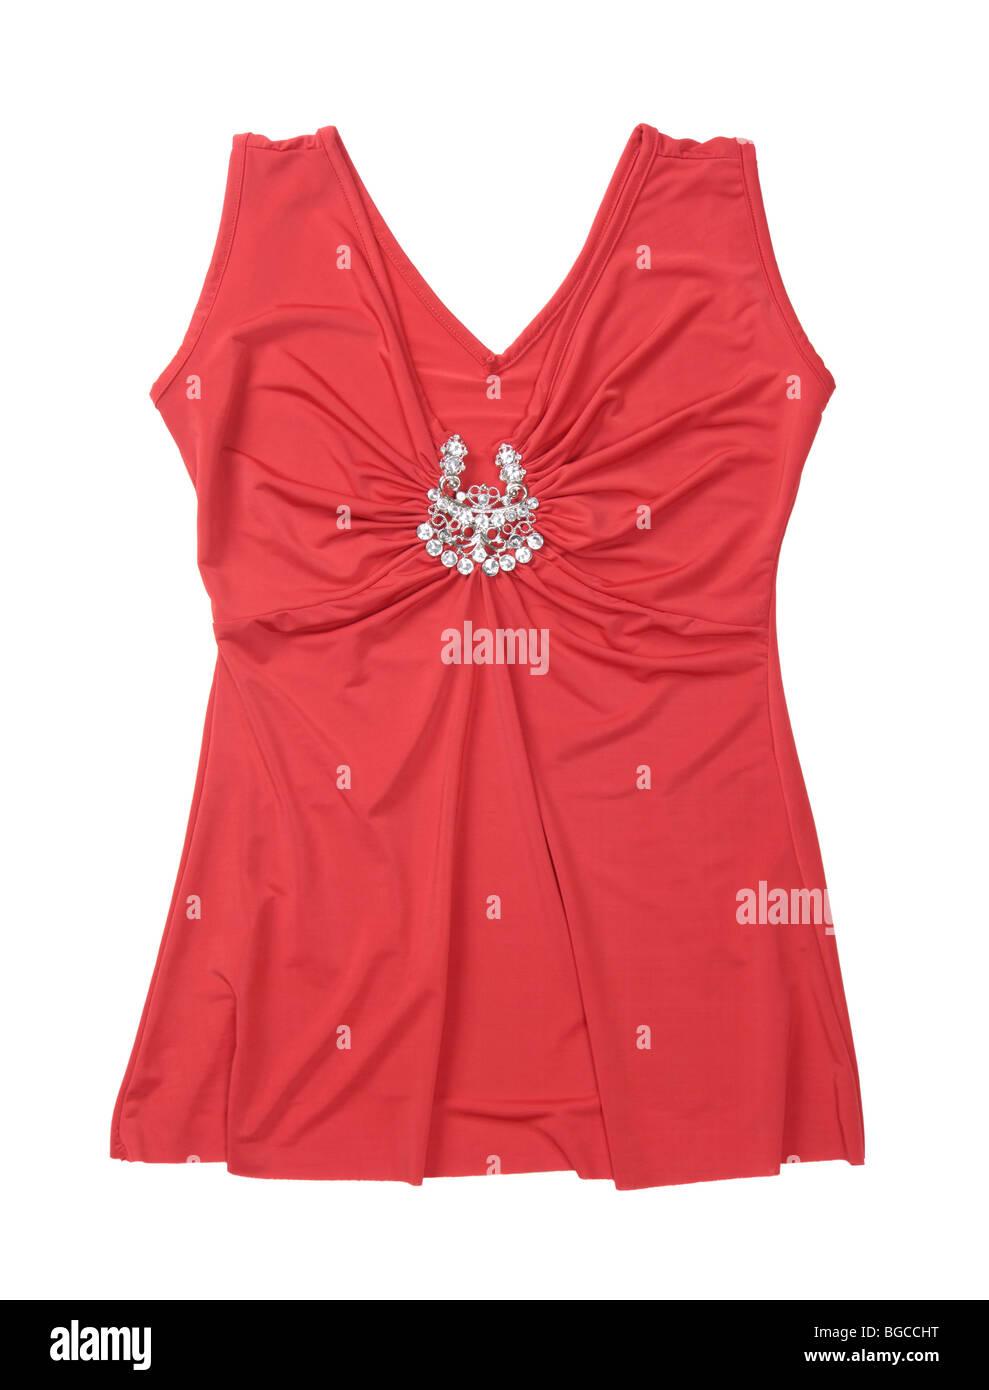 Fancy rojo camisetas sin mangas aislado sobre fondo blanco. Imagen De Stock